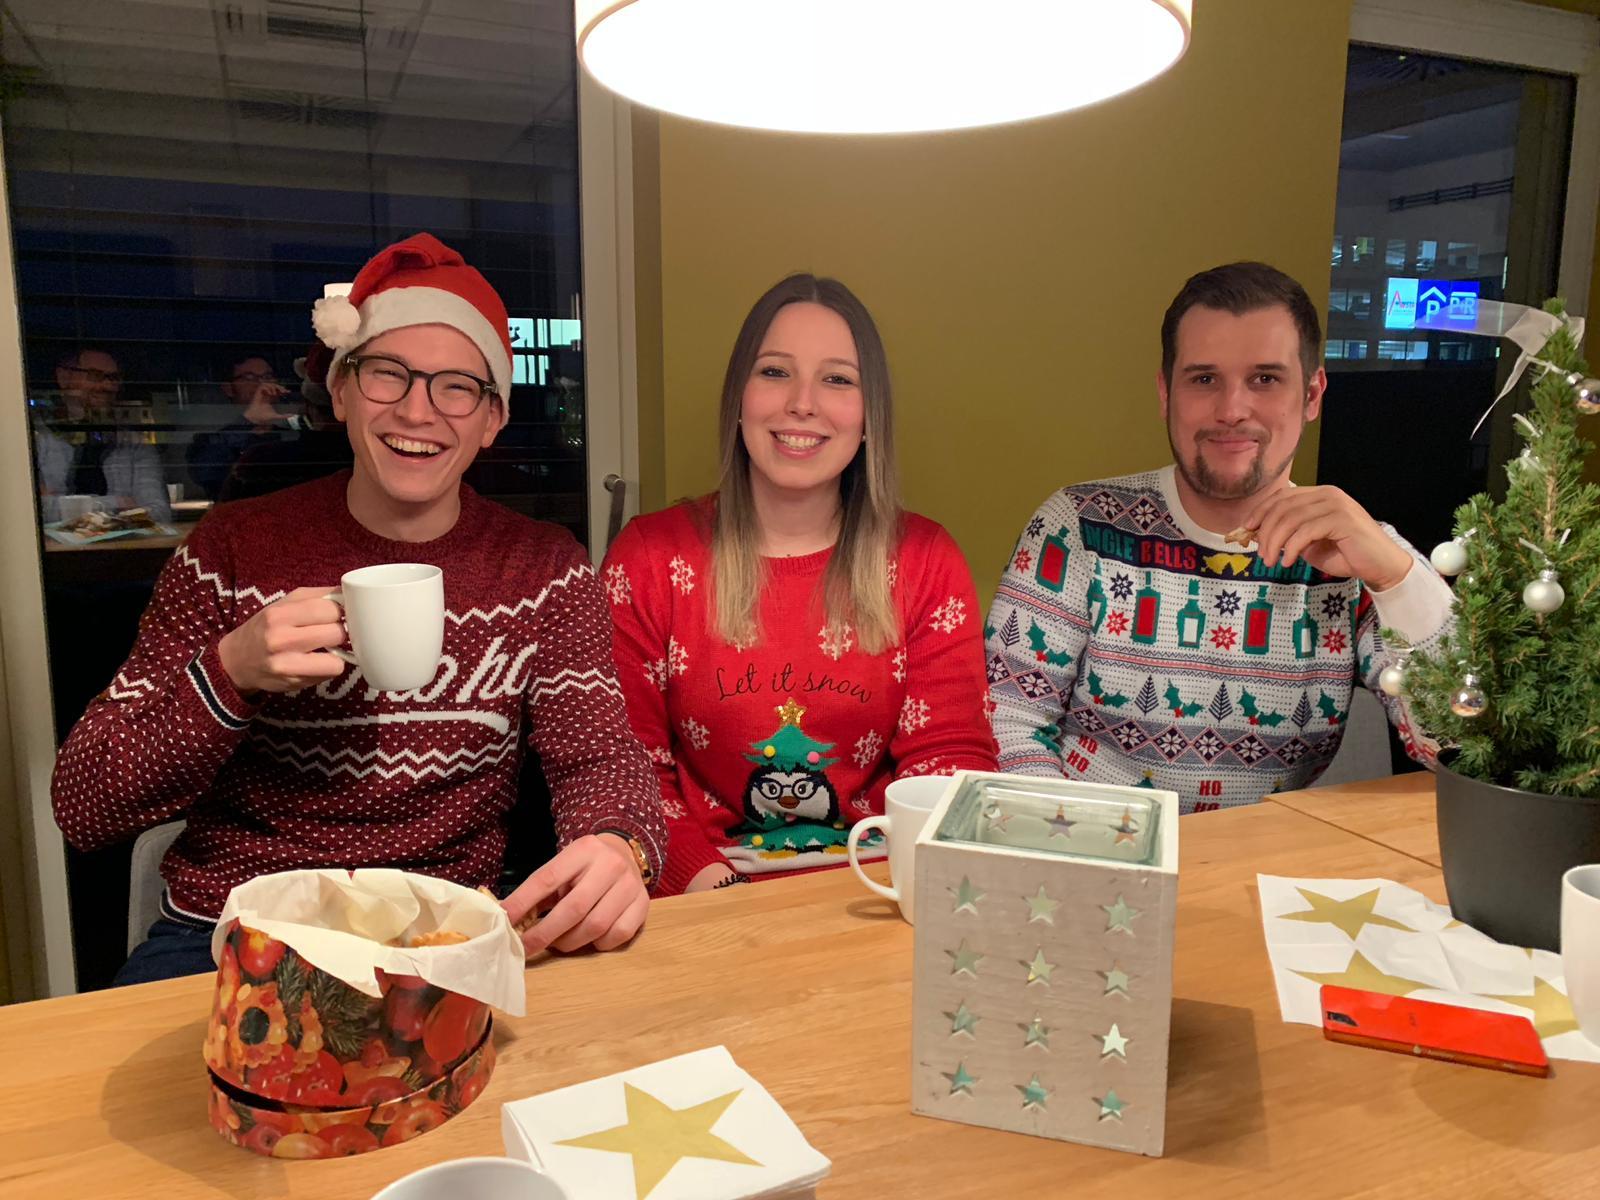 Weihnachtsfeier Complex Aschaffenburg Mitarbeiter Event Feier